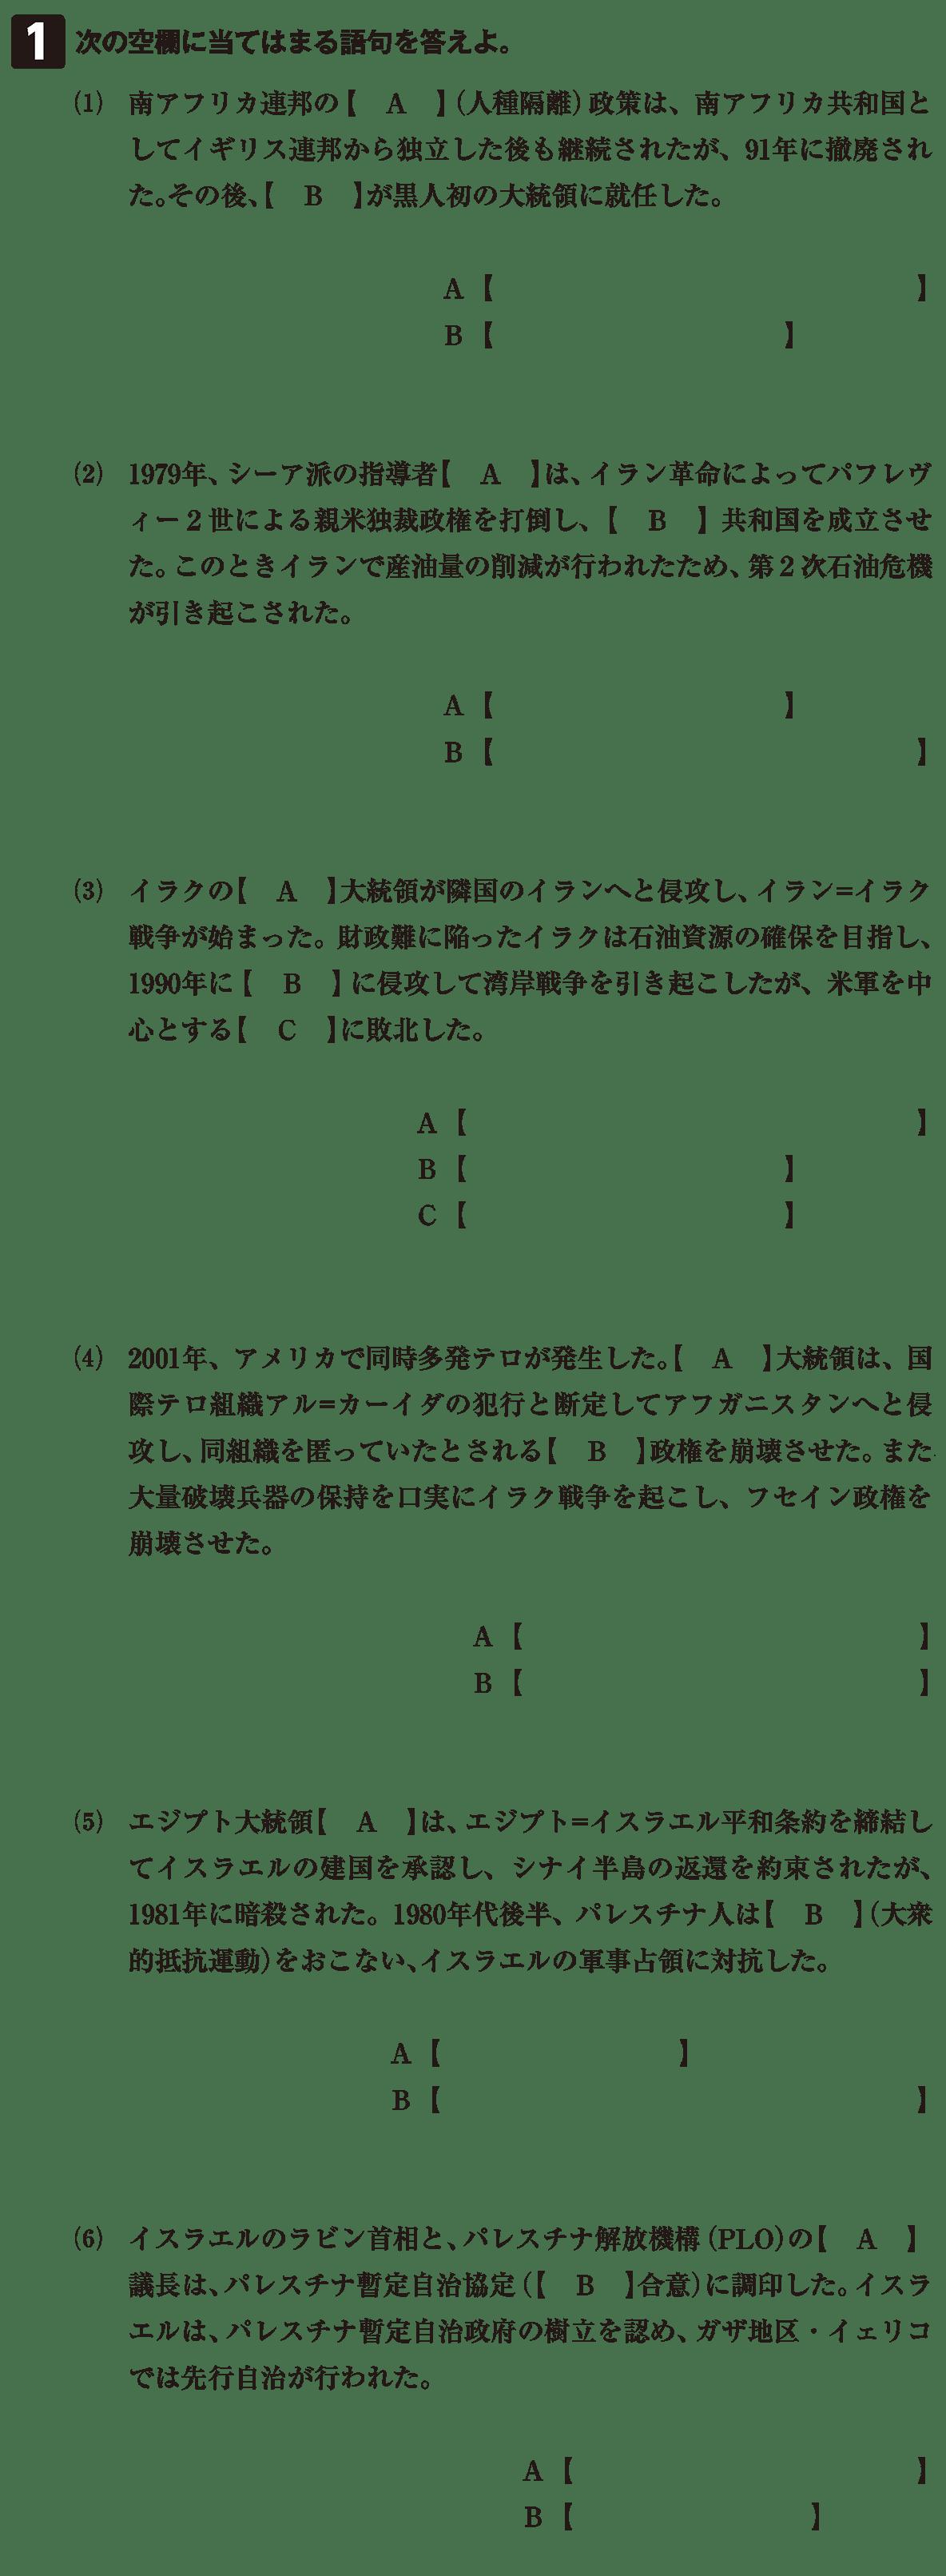 現代文明と各地の紛争5 確認テスト(前半)